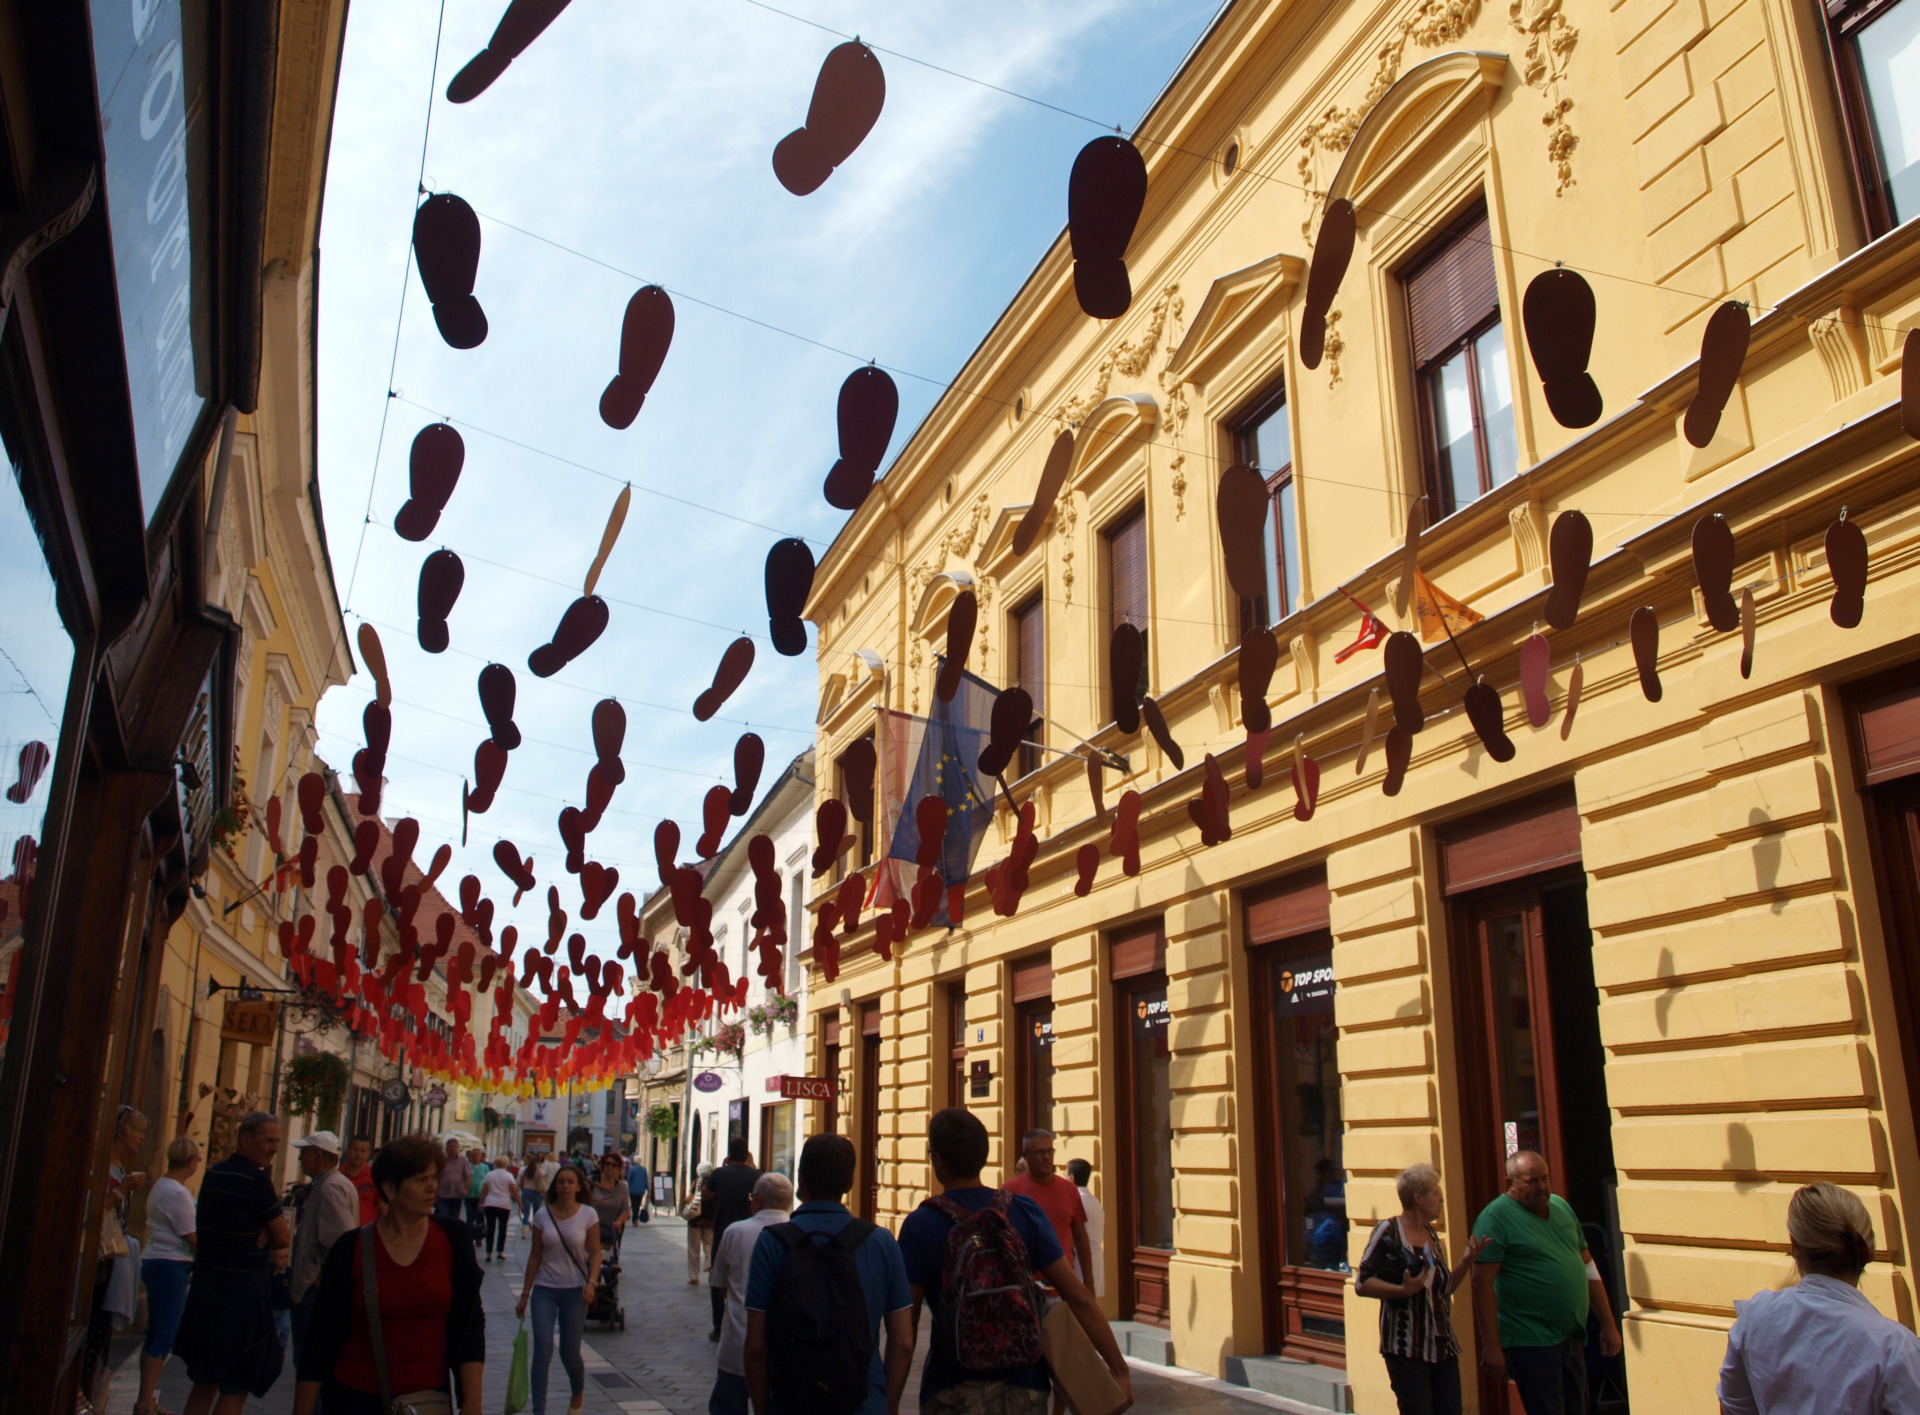 Završava Špancirfest u Varaždinu